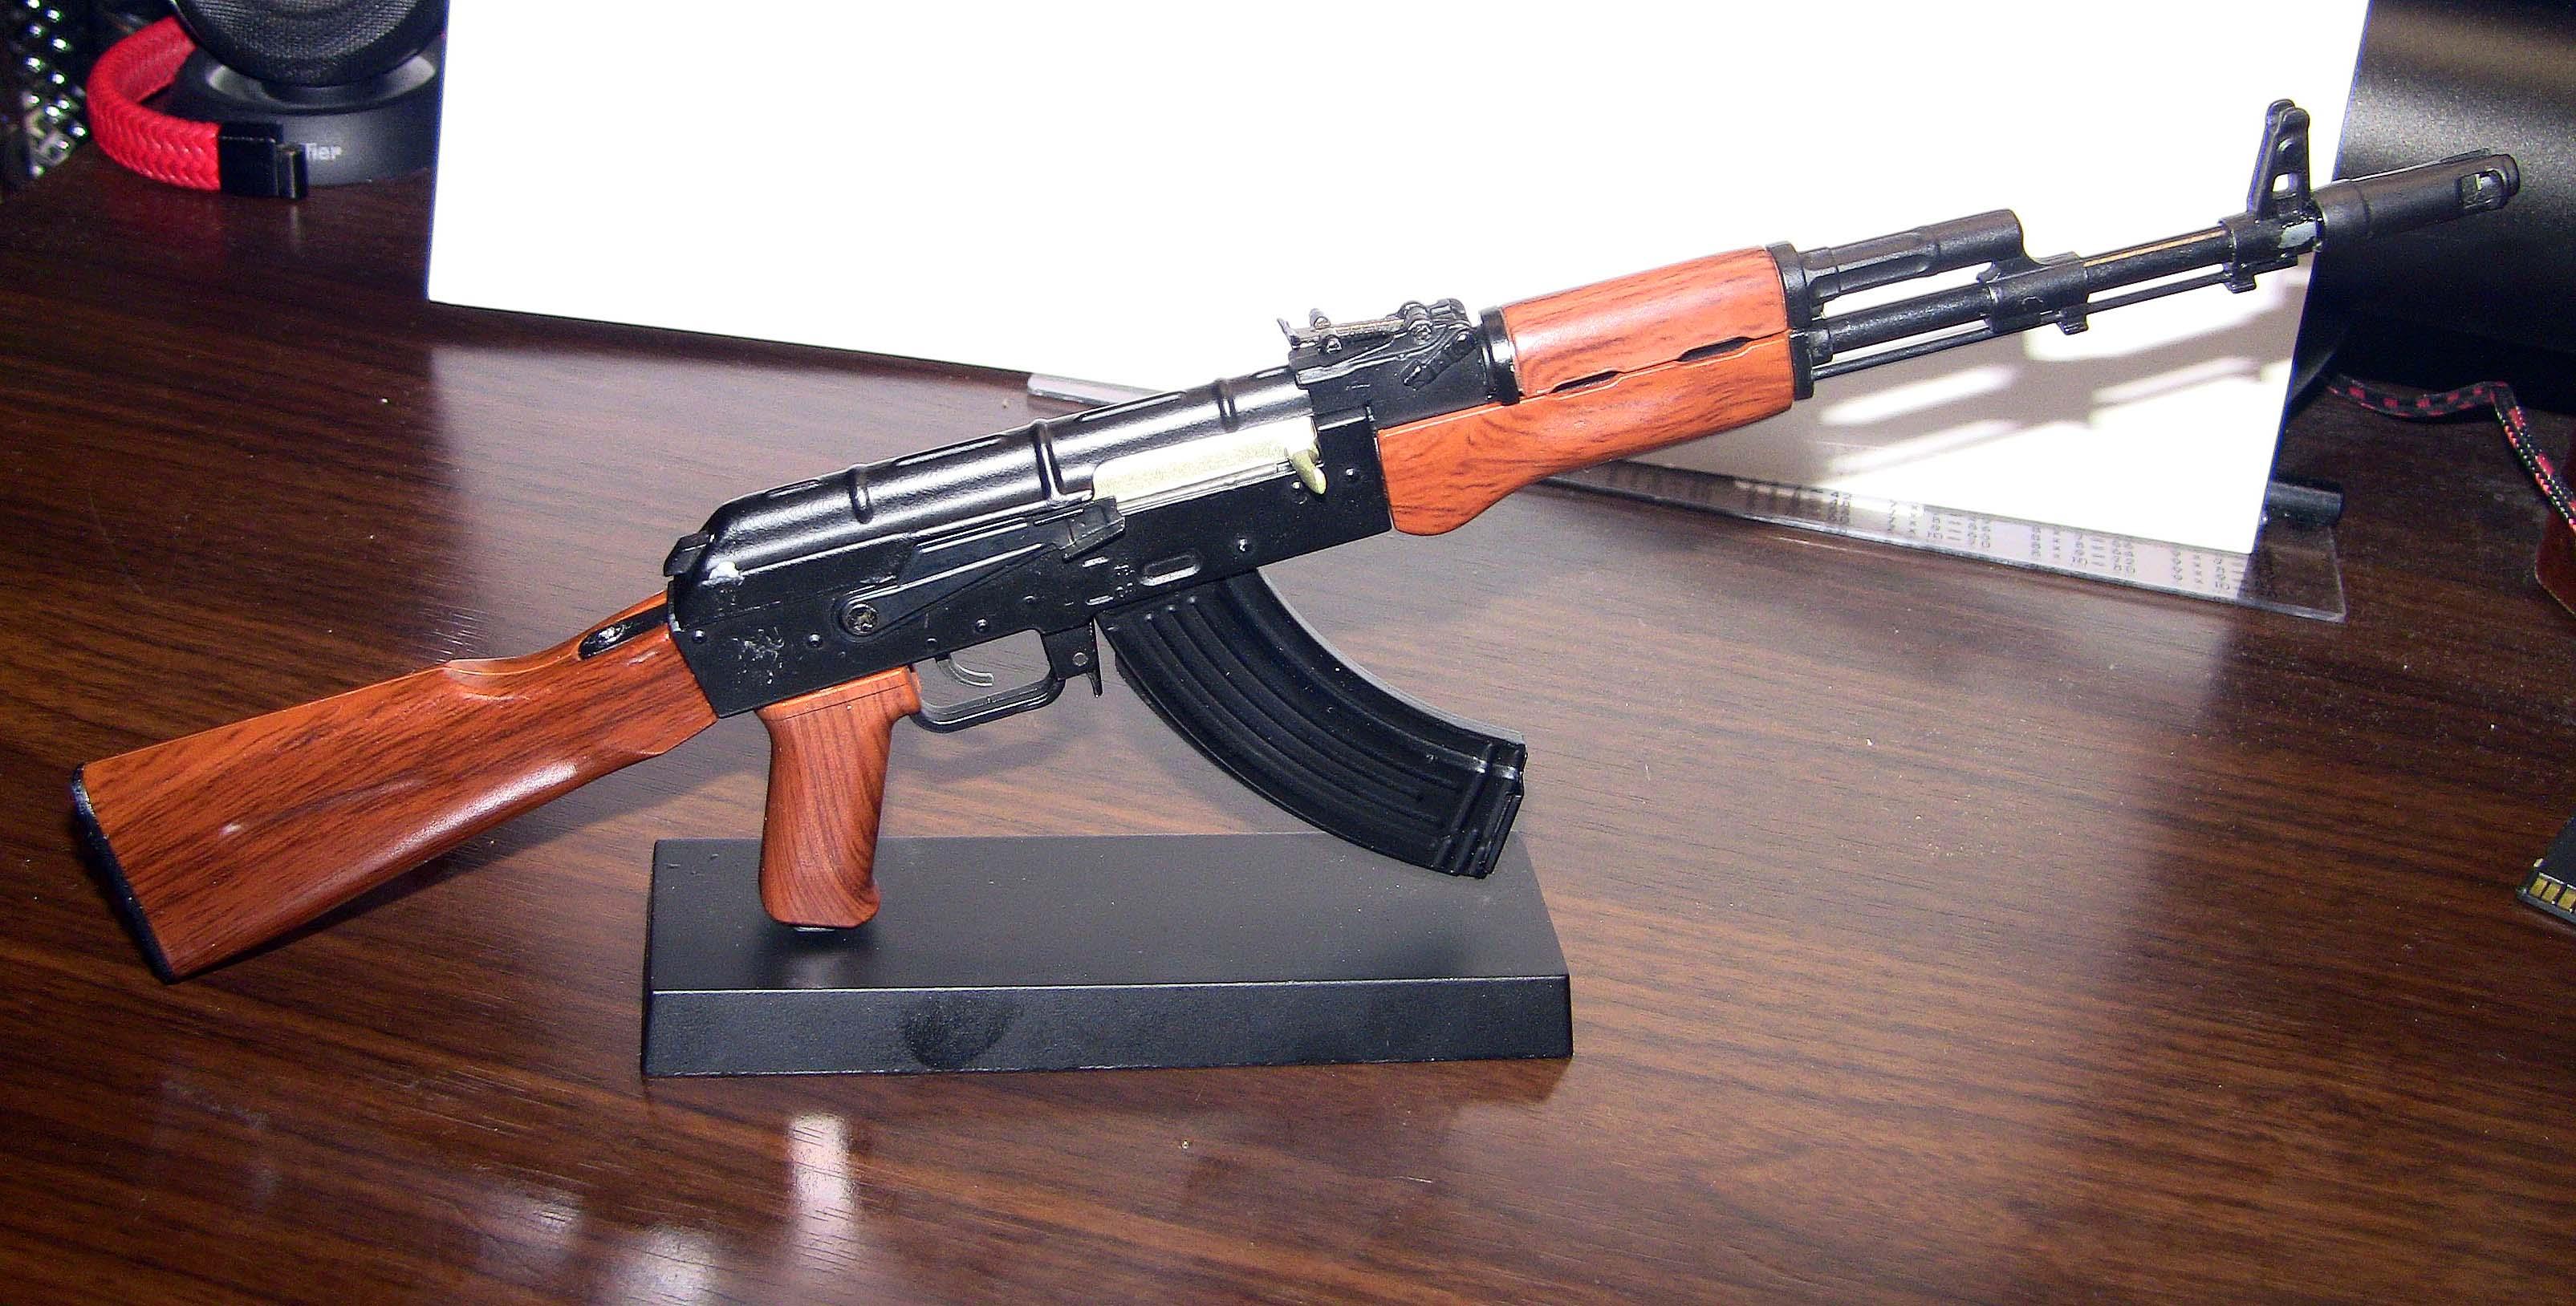 ak47 model toy gun - HD3210×1628